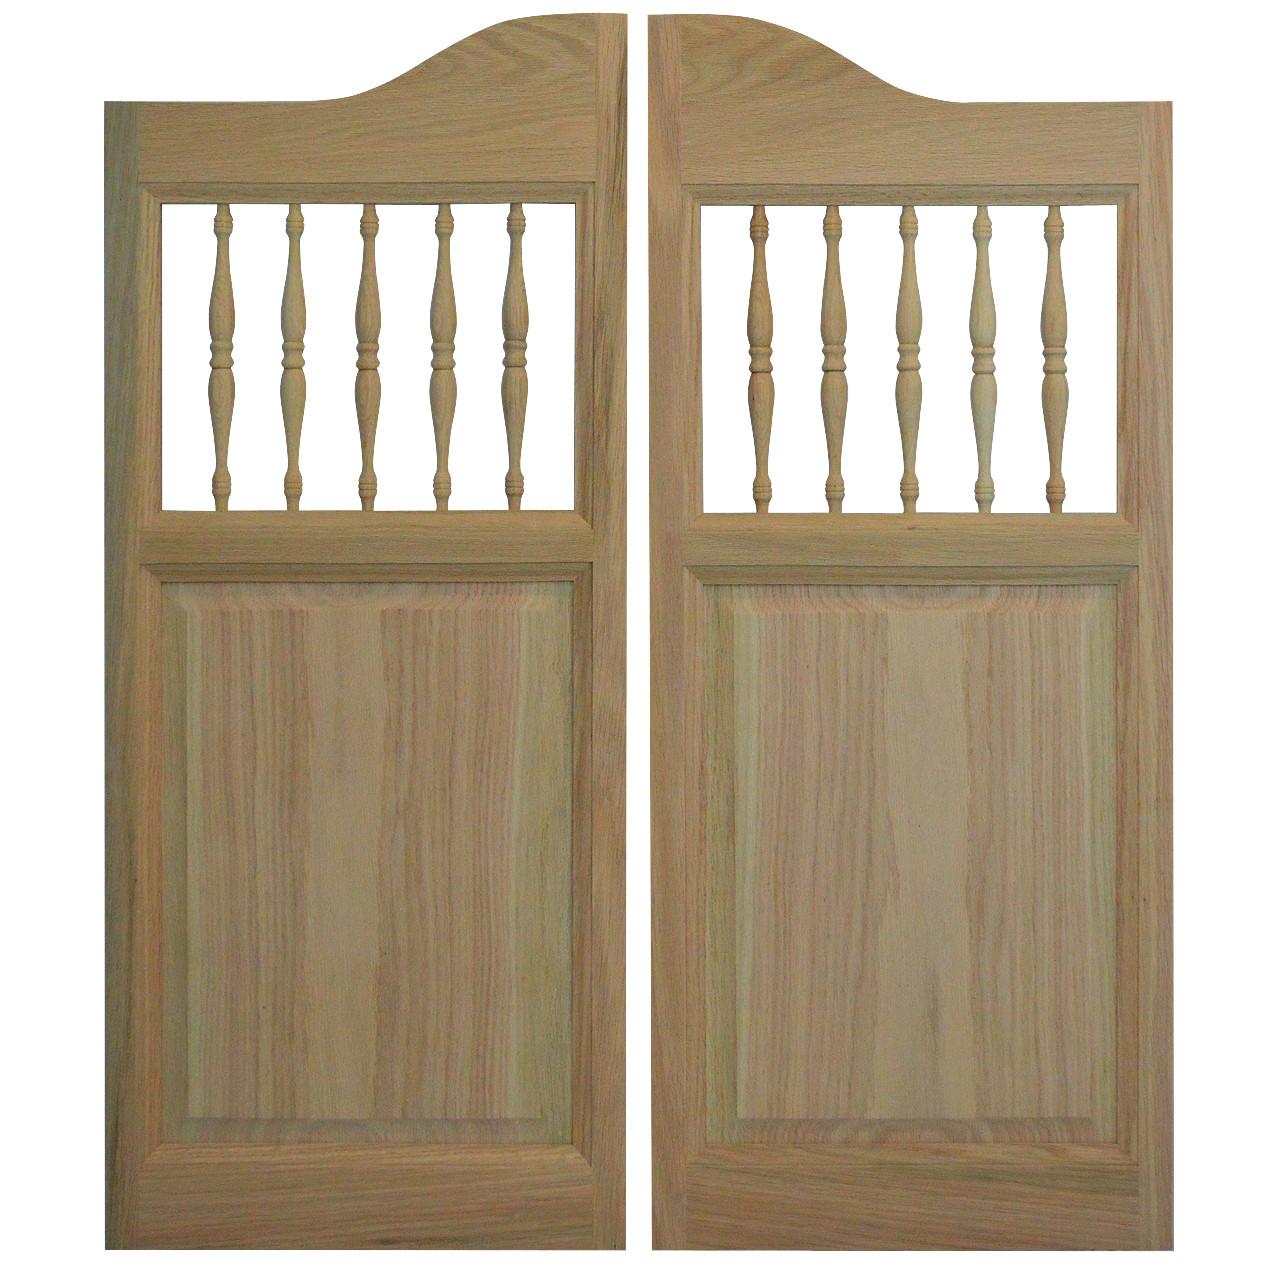 """Interior Swinging Kitchen Doors: Oak Western Cafe Doors / Saloon Doors With Spindles ( 24""""- 36"""" Door Openings"""